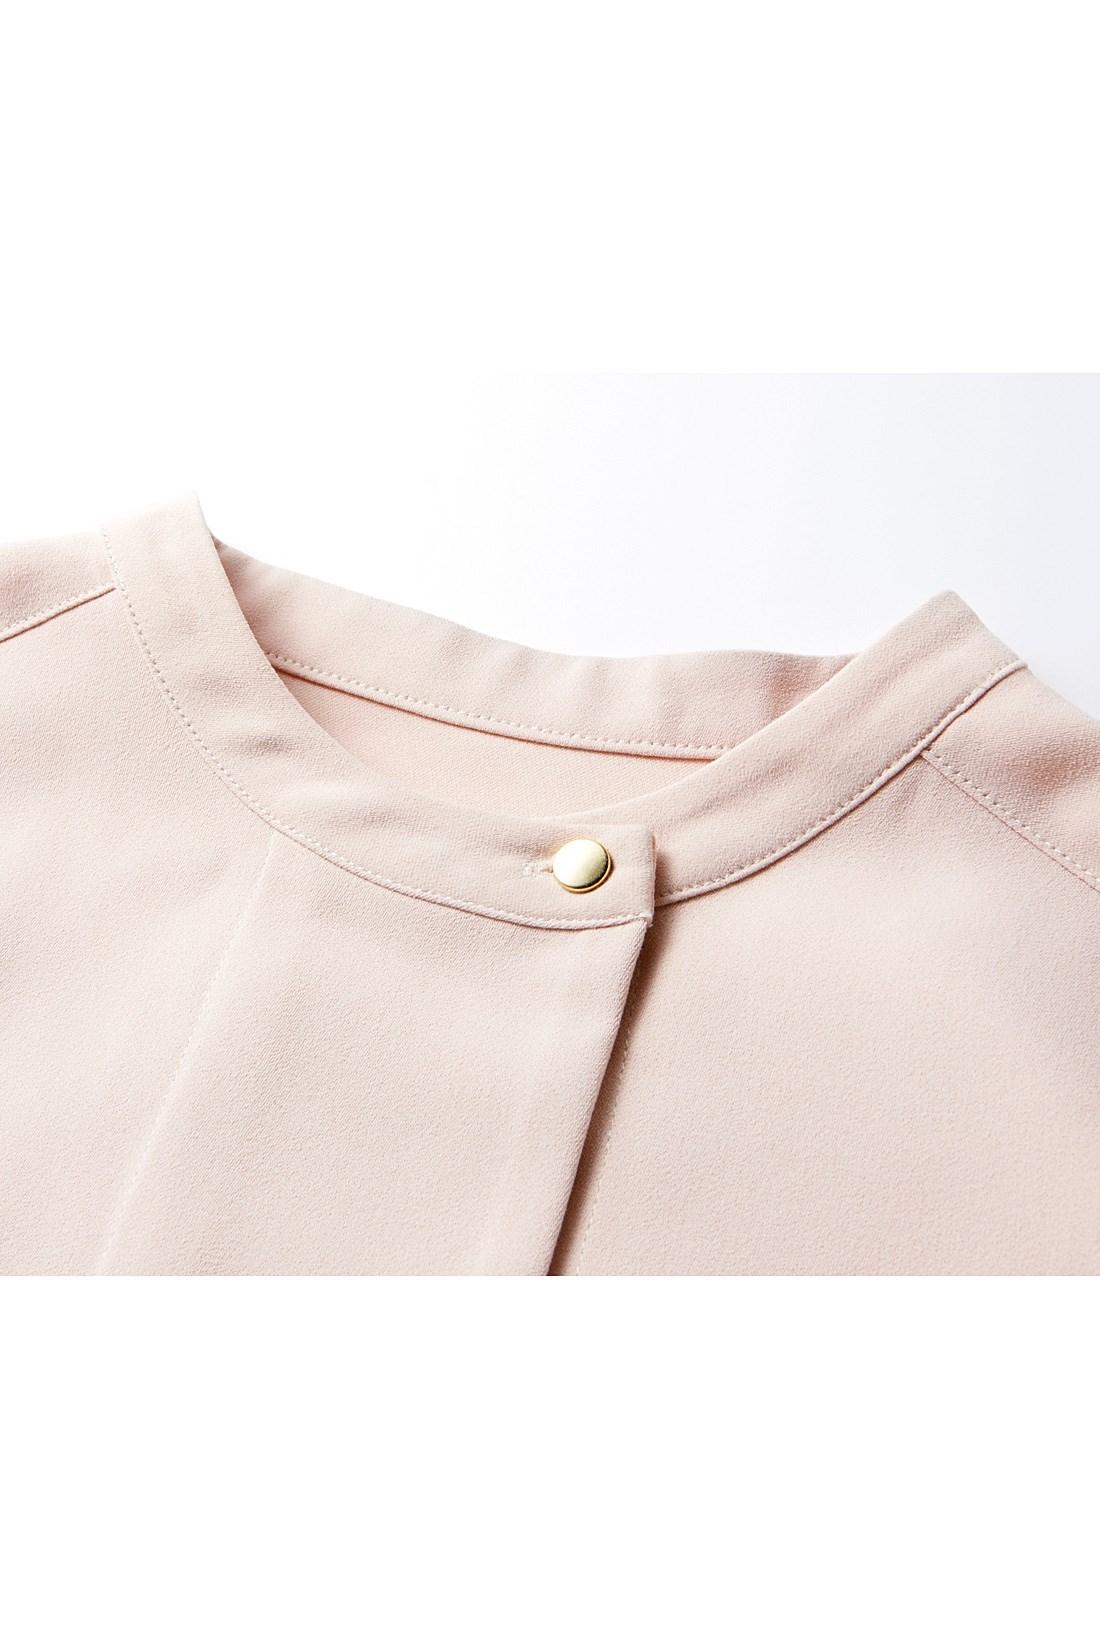 衿もとのゴールドボタンが上品な印象。